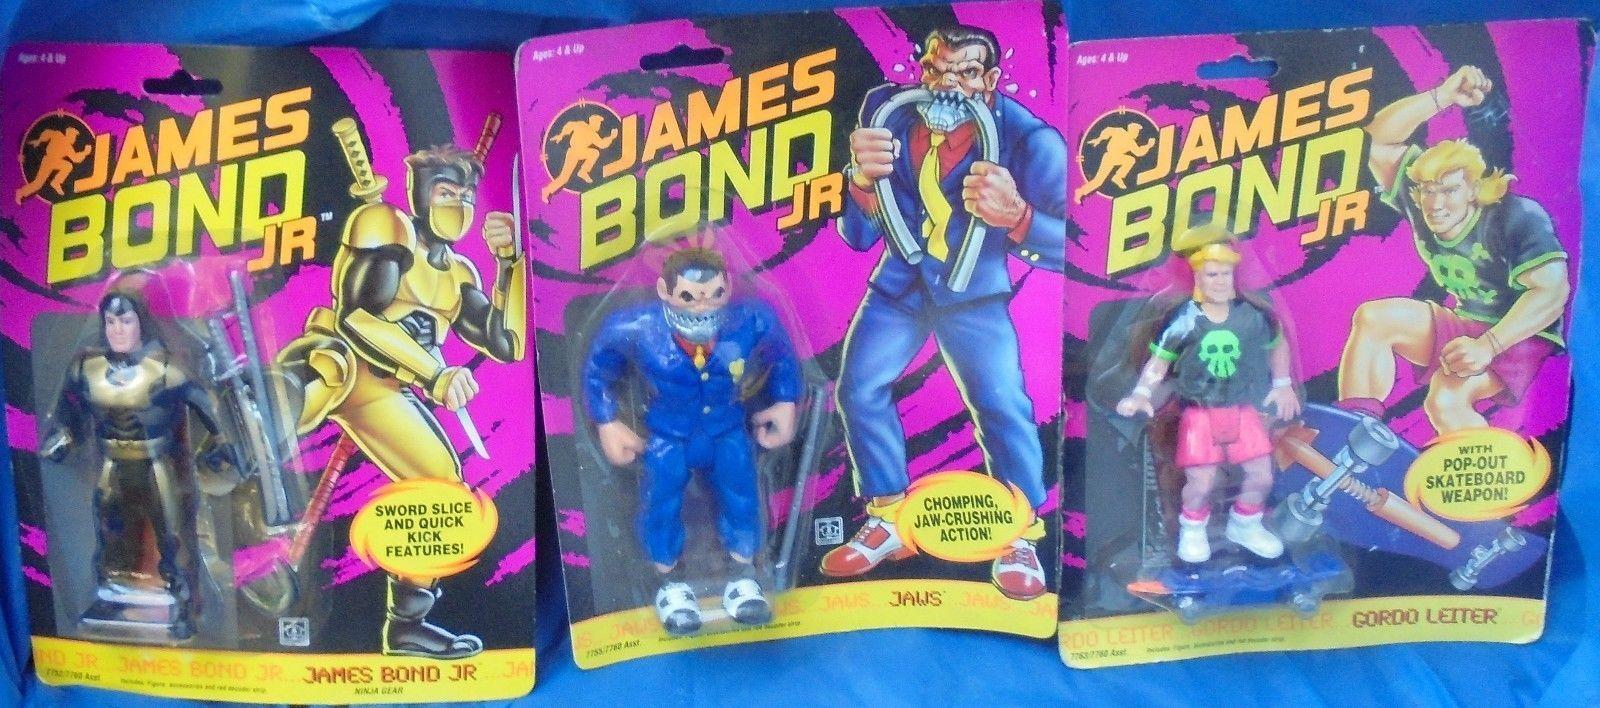 James bond jr moc mip - action - figur viel hasbro kiefer gordo leiter ninja - ausrüstung bond